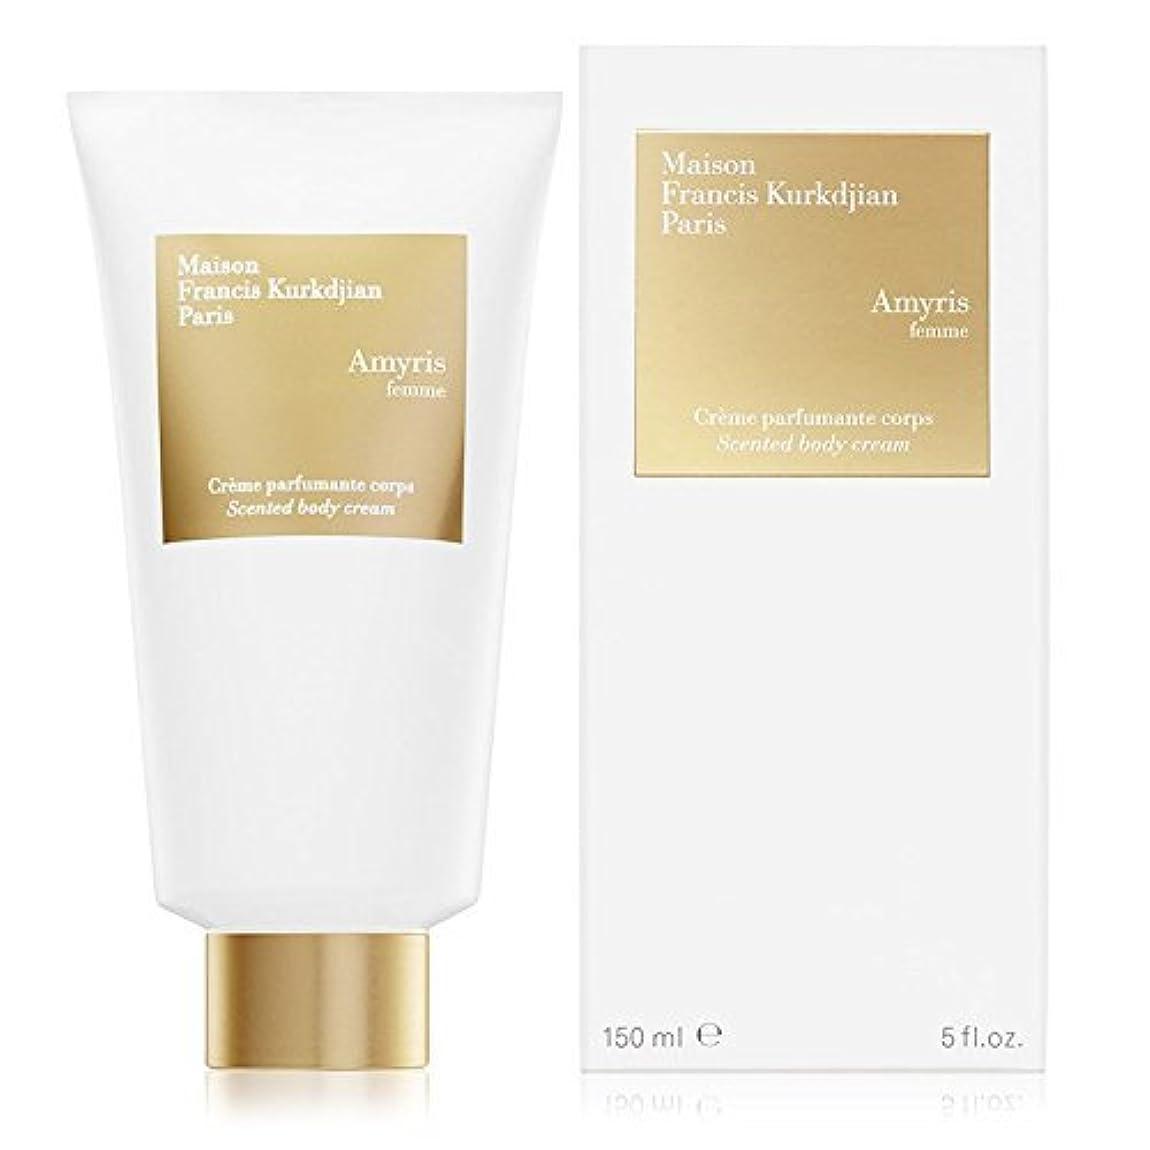 逸脱インディカ宝石Maison Francis Kurkdjian Amyris Femme Scented Body Cream(メゾン フランシス クルジャン アミリス ファム ボディクリーム)150ml [並行輸入品]